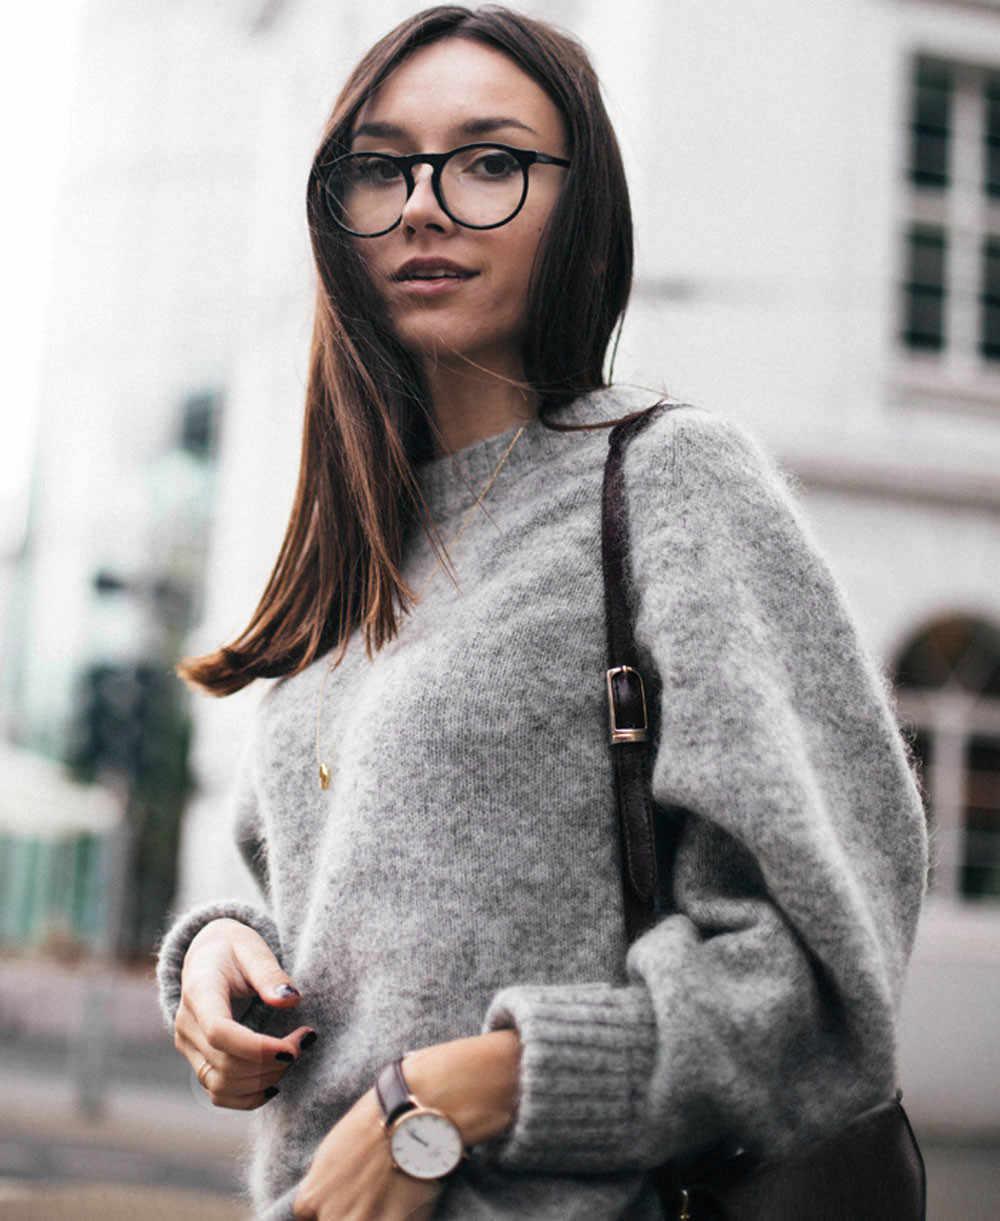 חדש אפור גולף נשים סוודר סתיו החורף ארוך שרוול Oversize מגשר 2019 סרוג רופף אופנה סוודר Femme Dropship